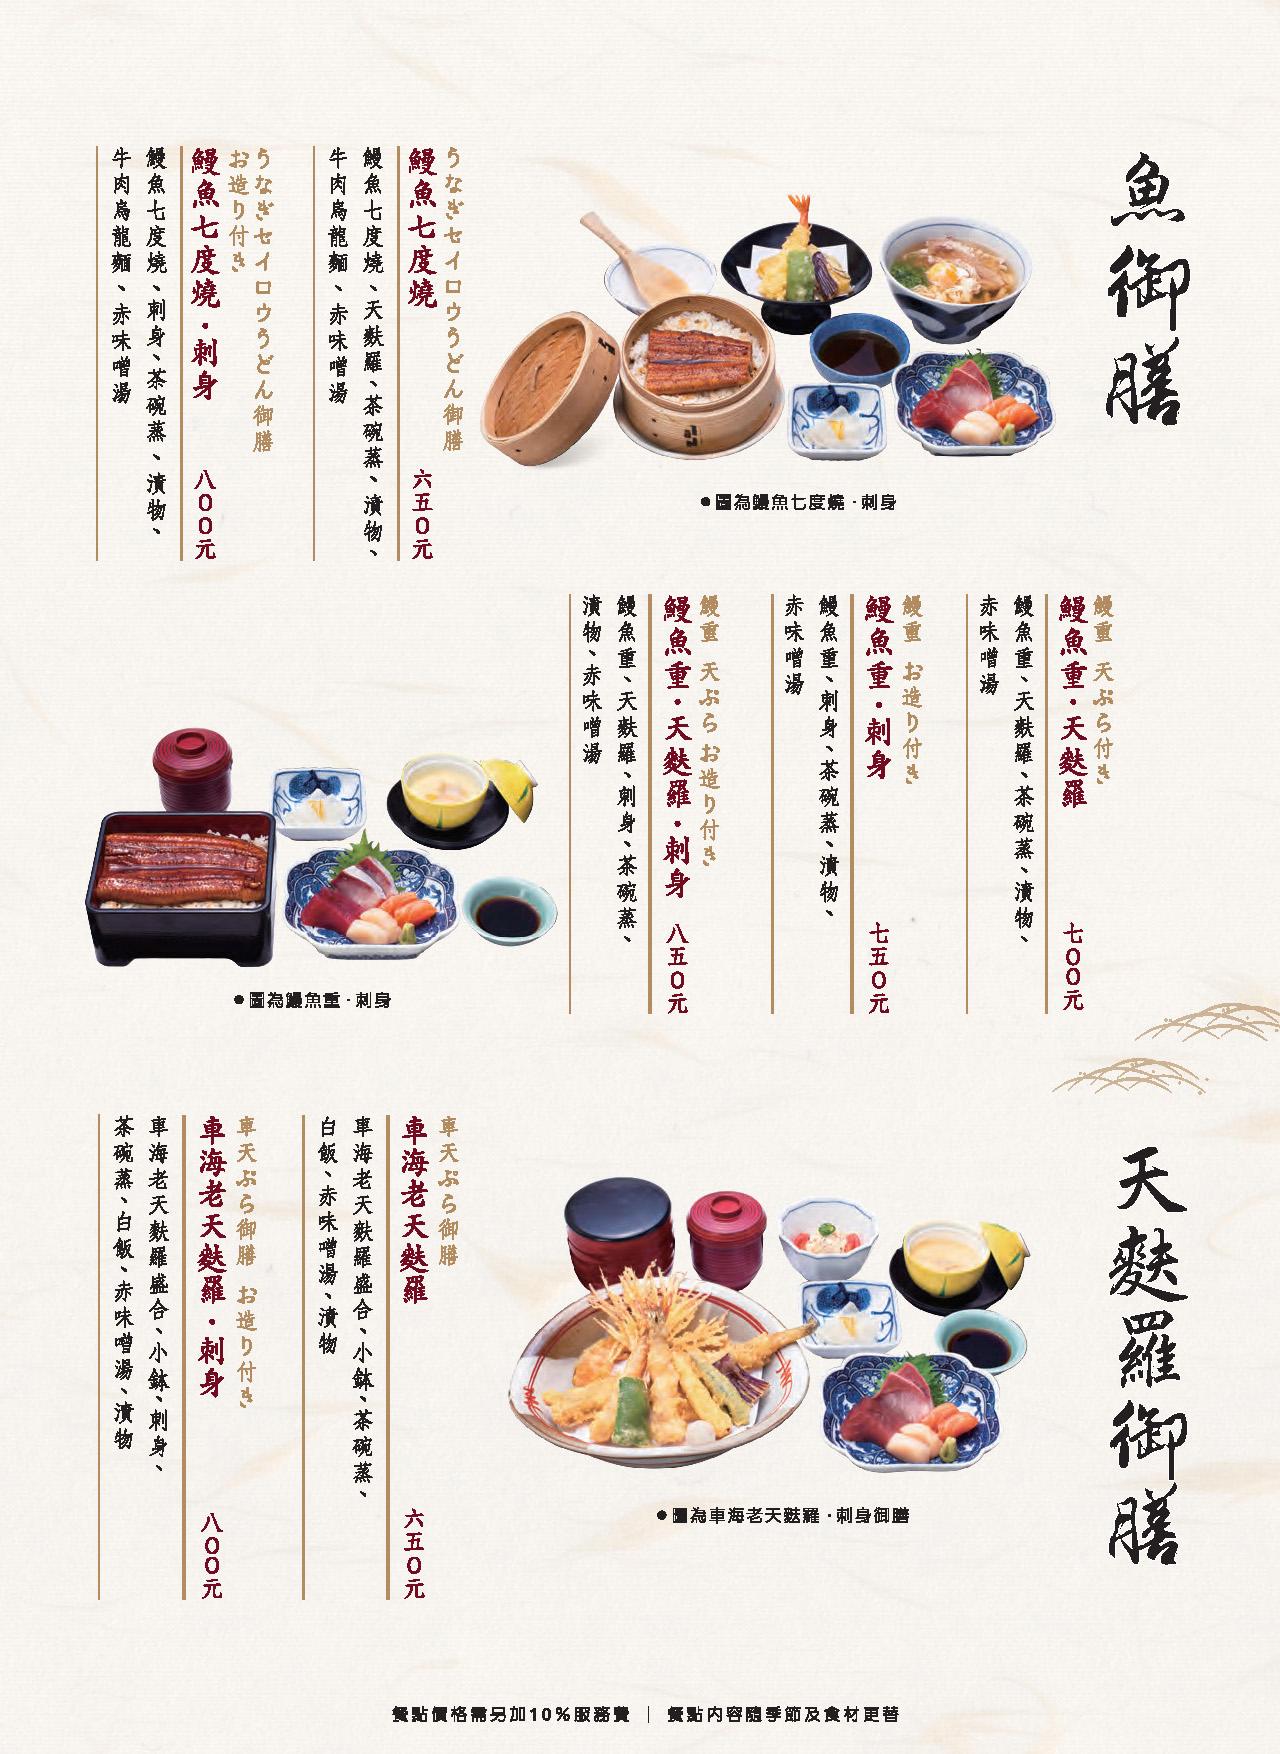 莞固和食 GANKO 台北大直店菜單 - 魚御膳 天麩羅御膳